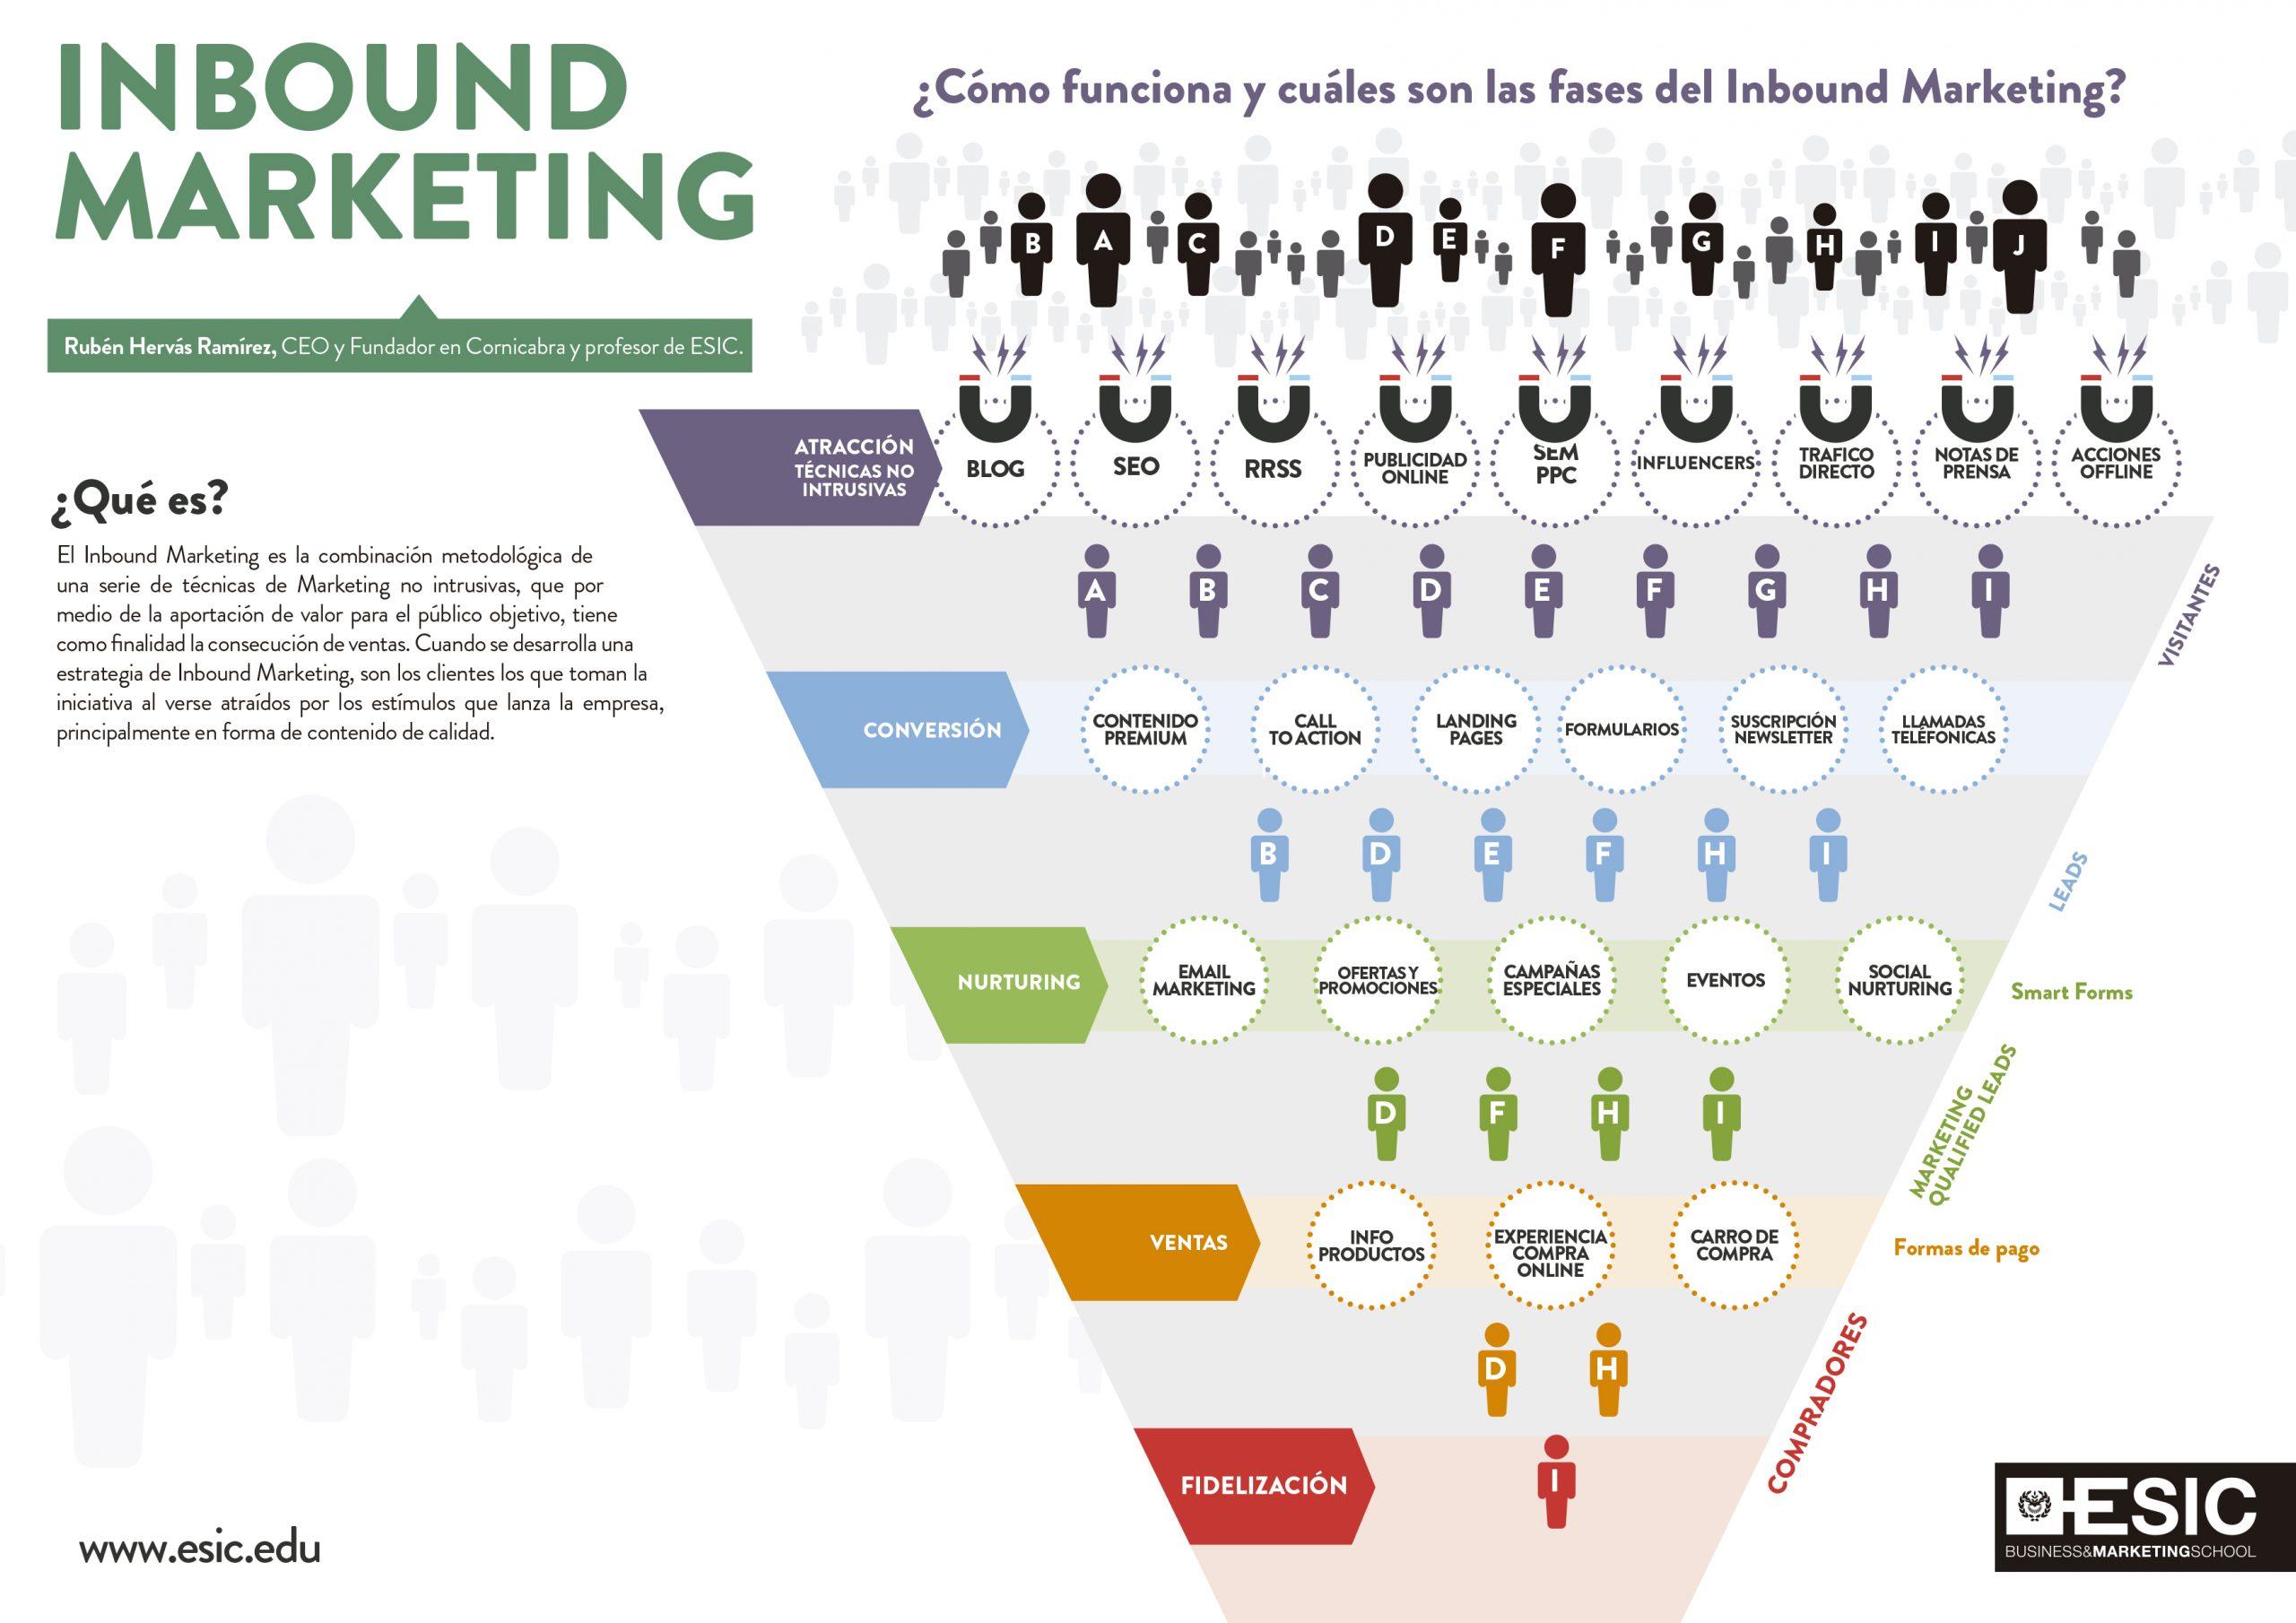 Fuente: https://www.esic.edu/saladeprensa/prensa/noticia/como-funciona-y-cuales-son-las-fases-del-inbound-marketing